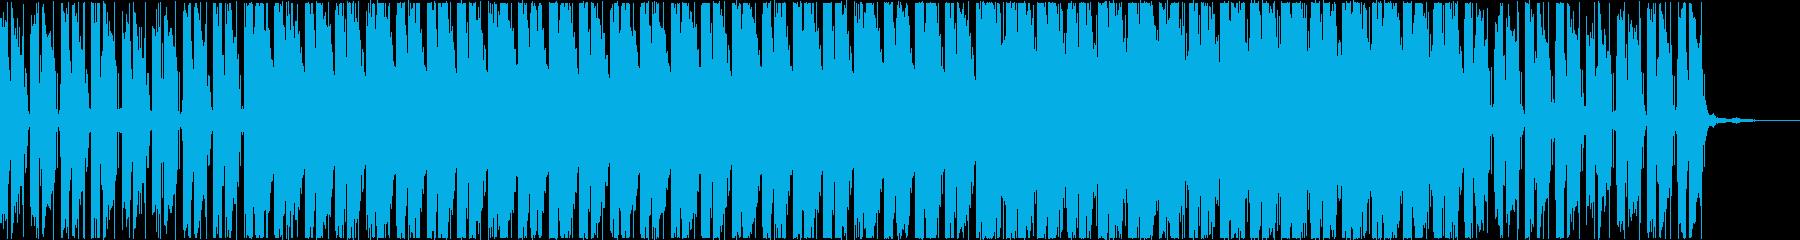 アンビエントなエレキギターの癒し系BGMの再生済みの波形